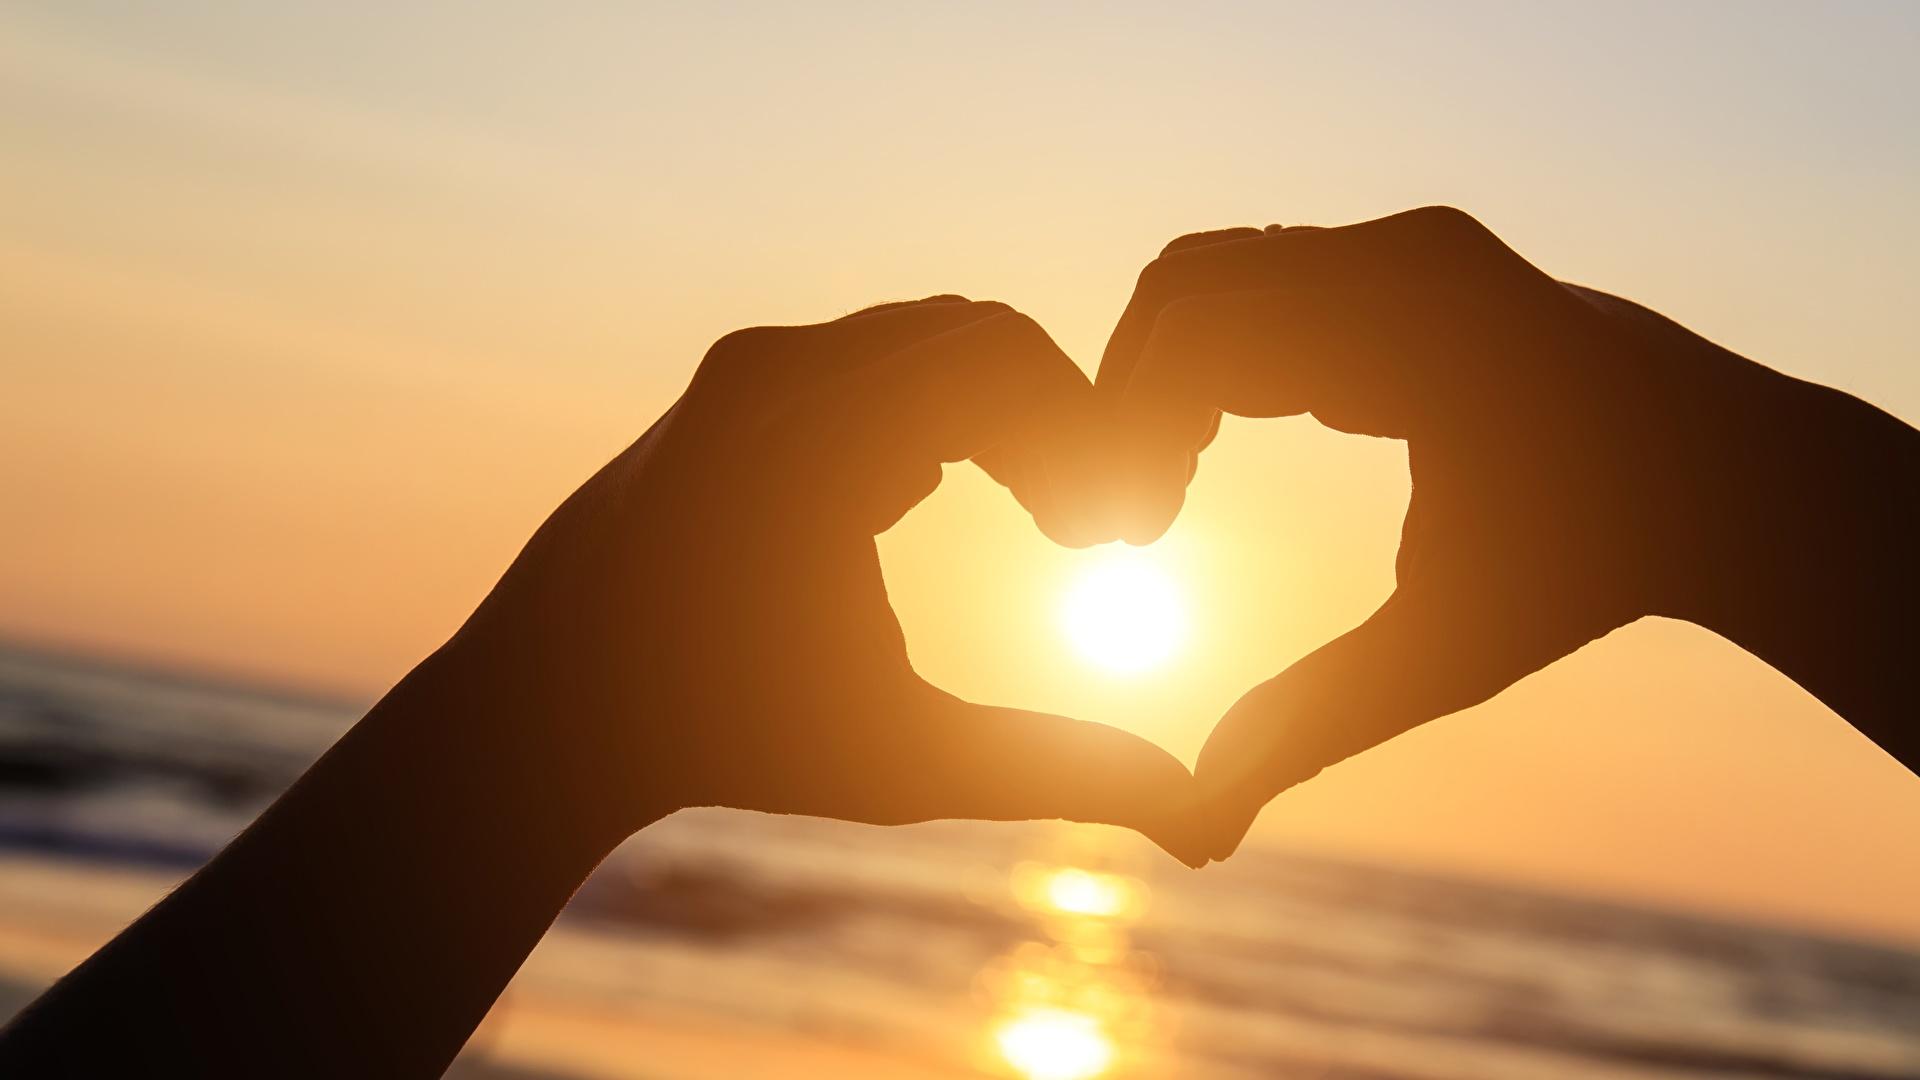 Фото сердца Силуэт Солнце Природа Руки 1920x1080 серце Сердце сердечко силуэты силуэта солнца рука